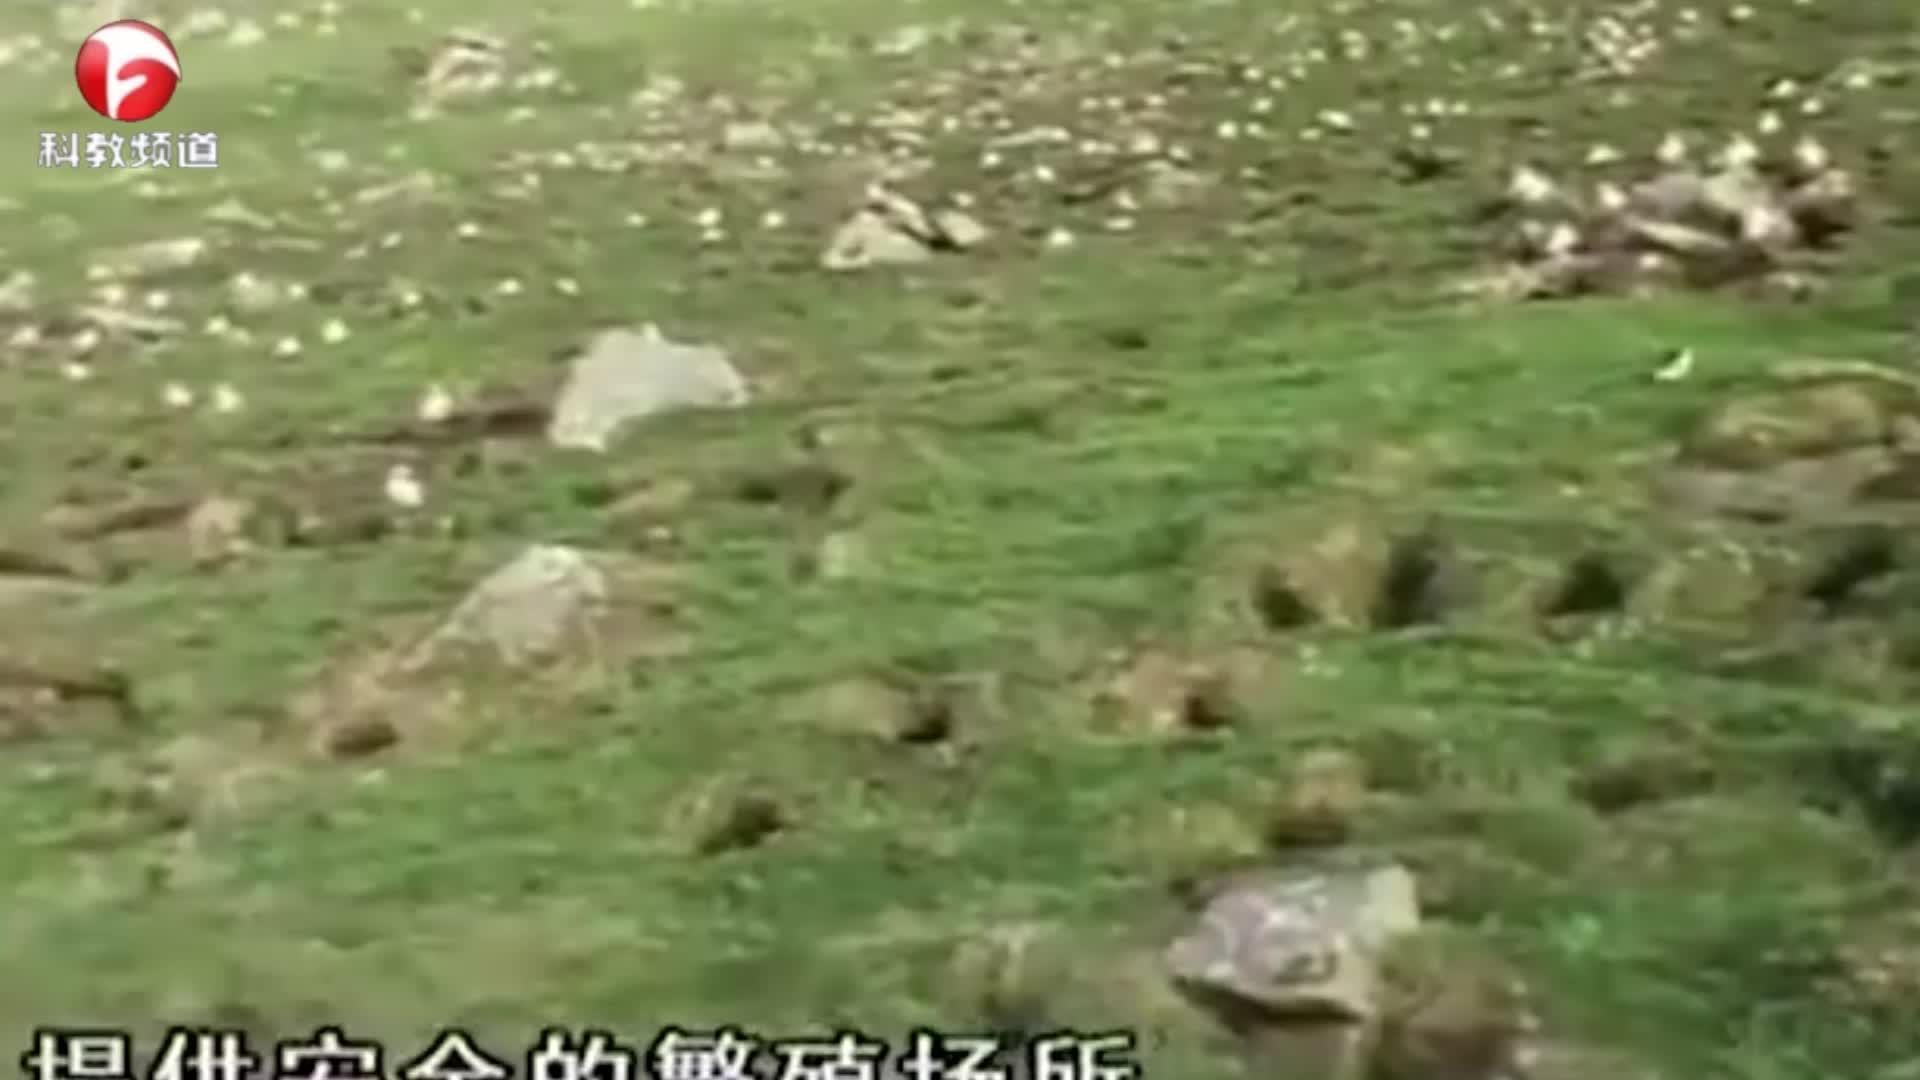 黑背鸥空中捕捉海雀,海雀逃走了,真是死里逃生!